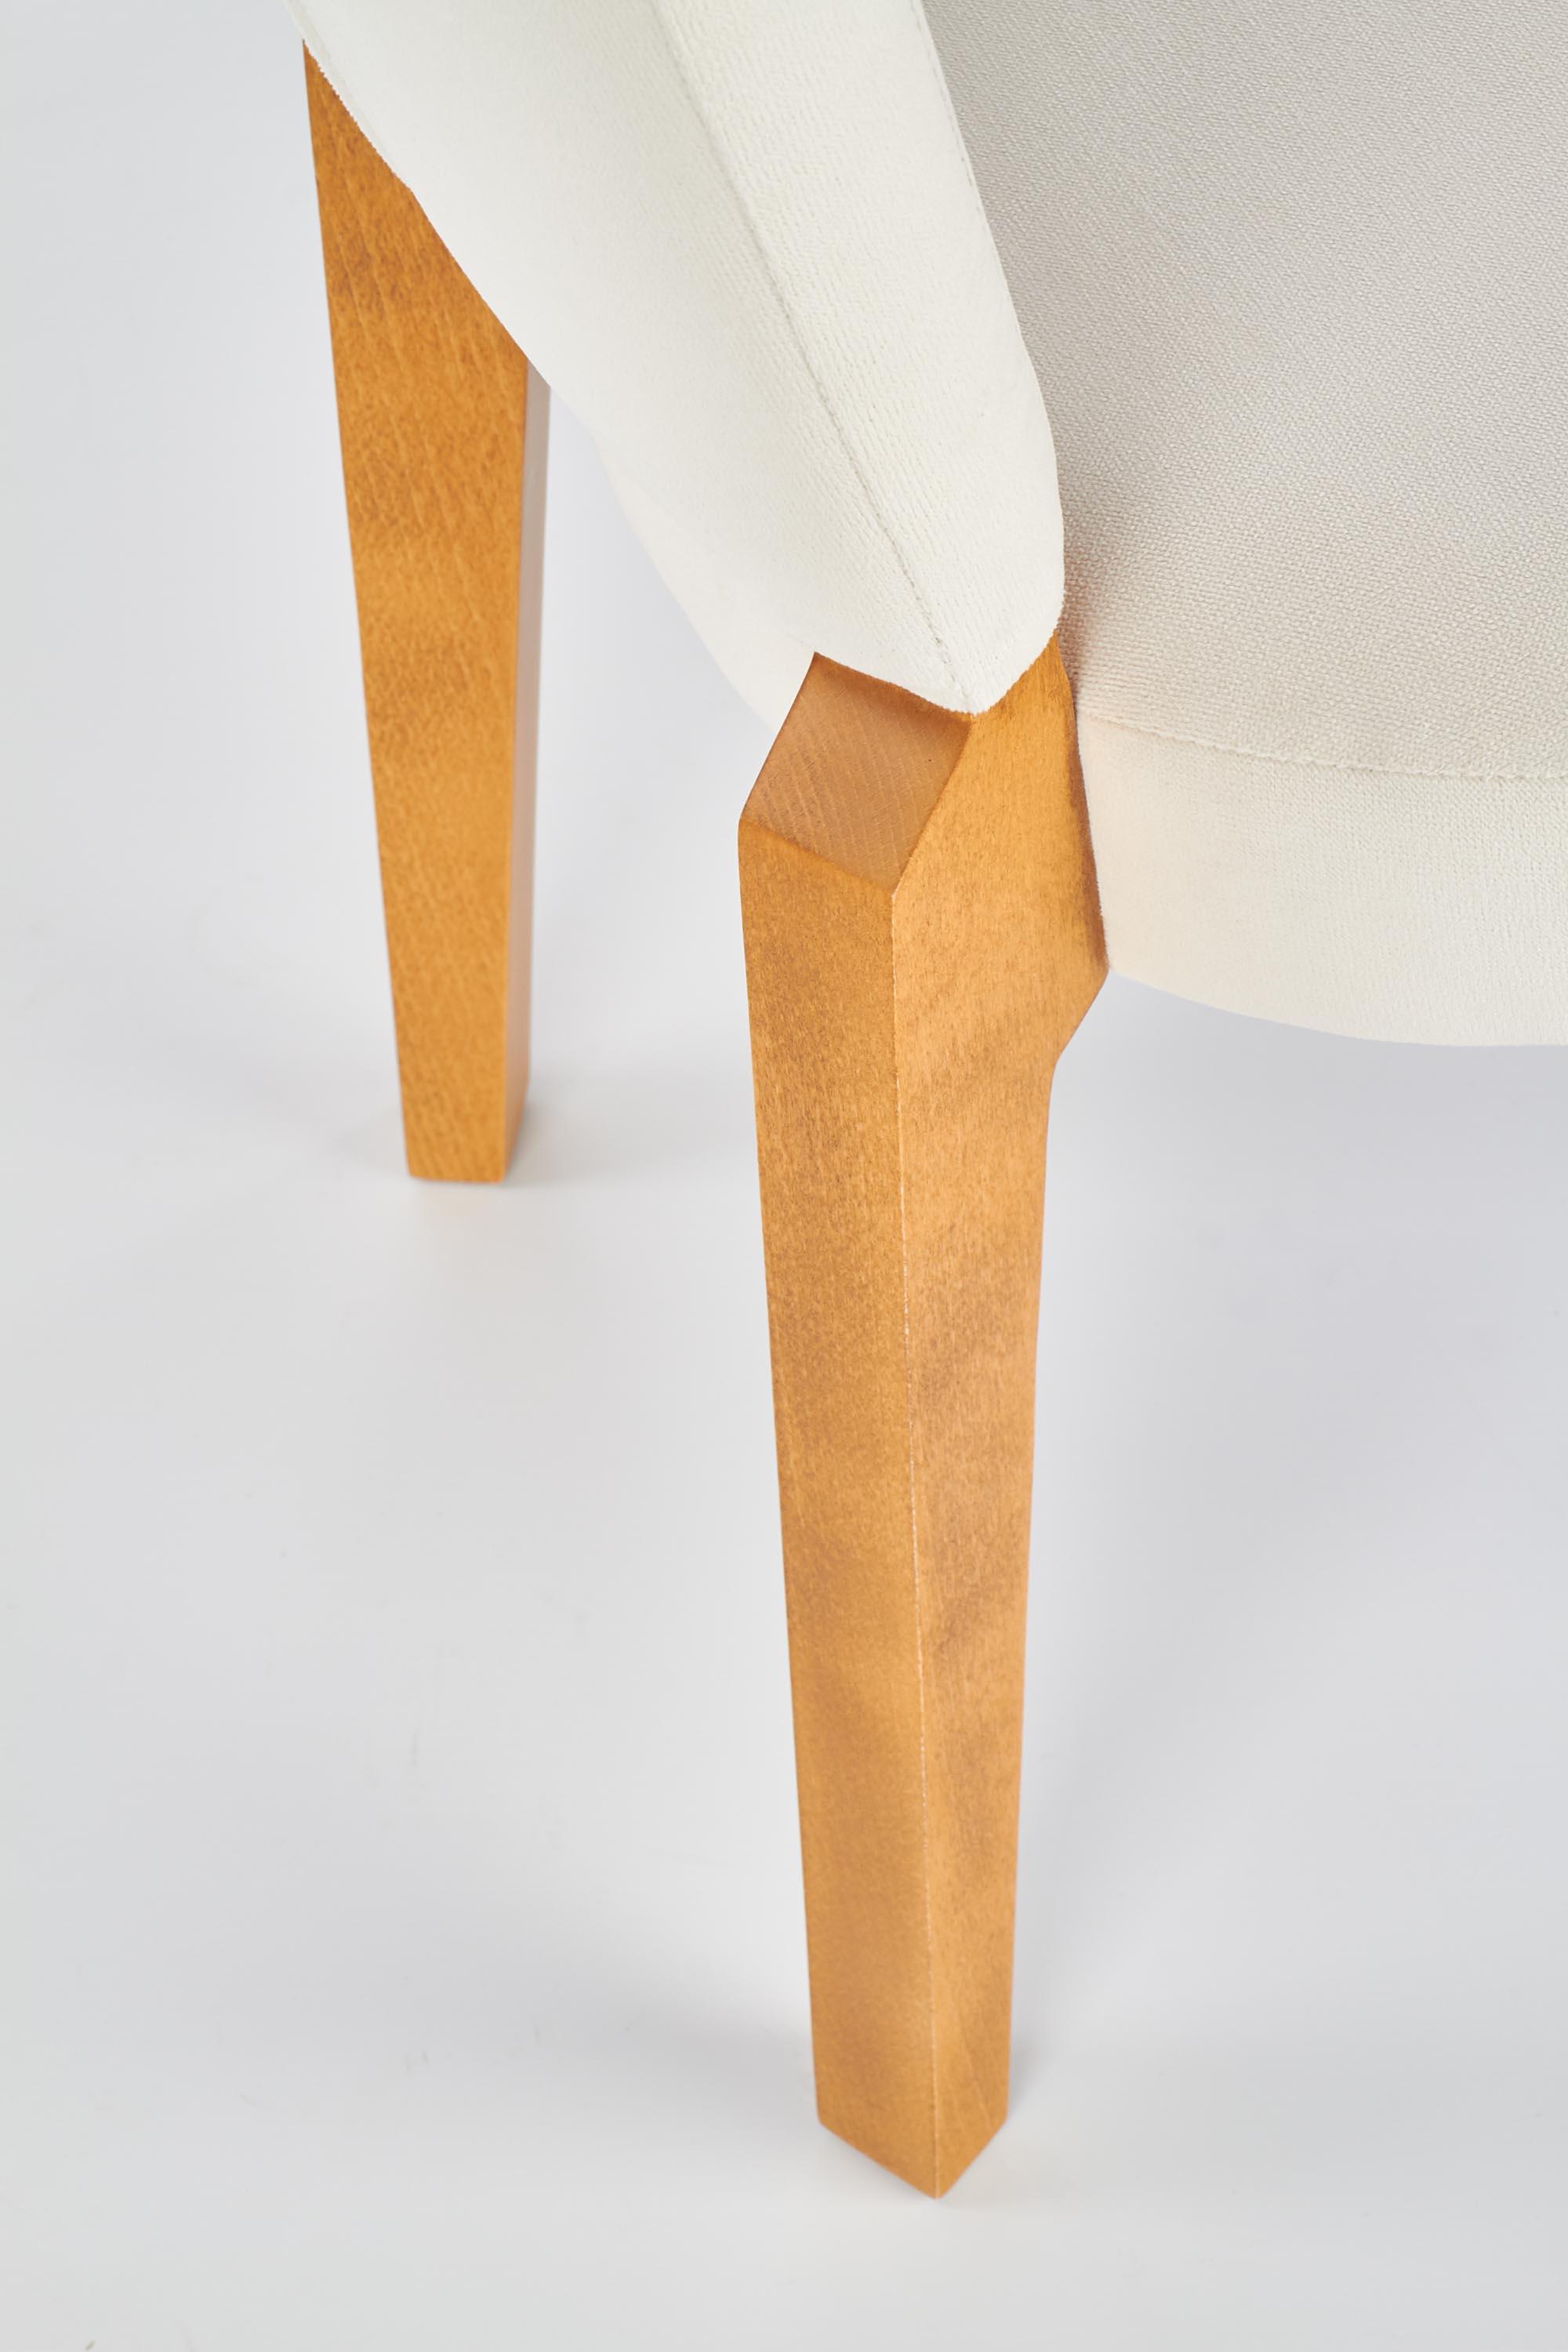 ROIS jedálenská stolička, medový dub / krém